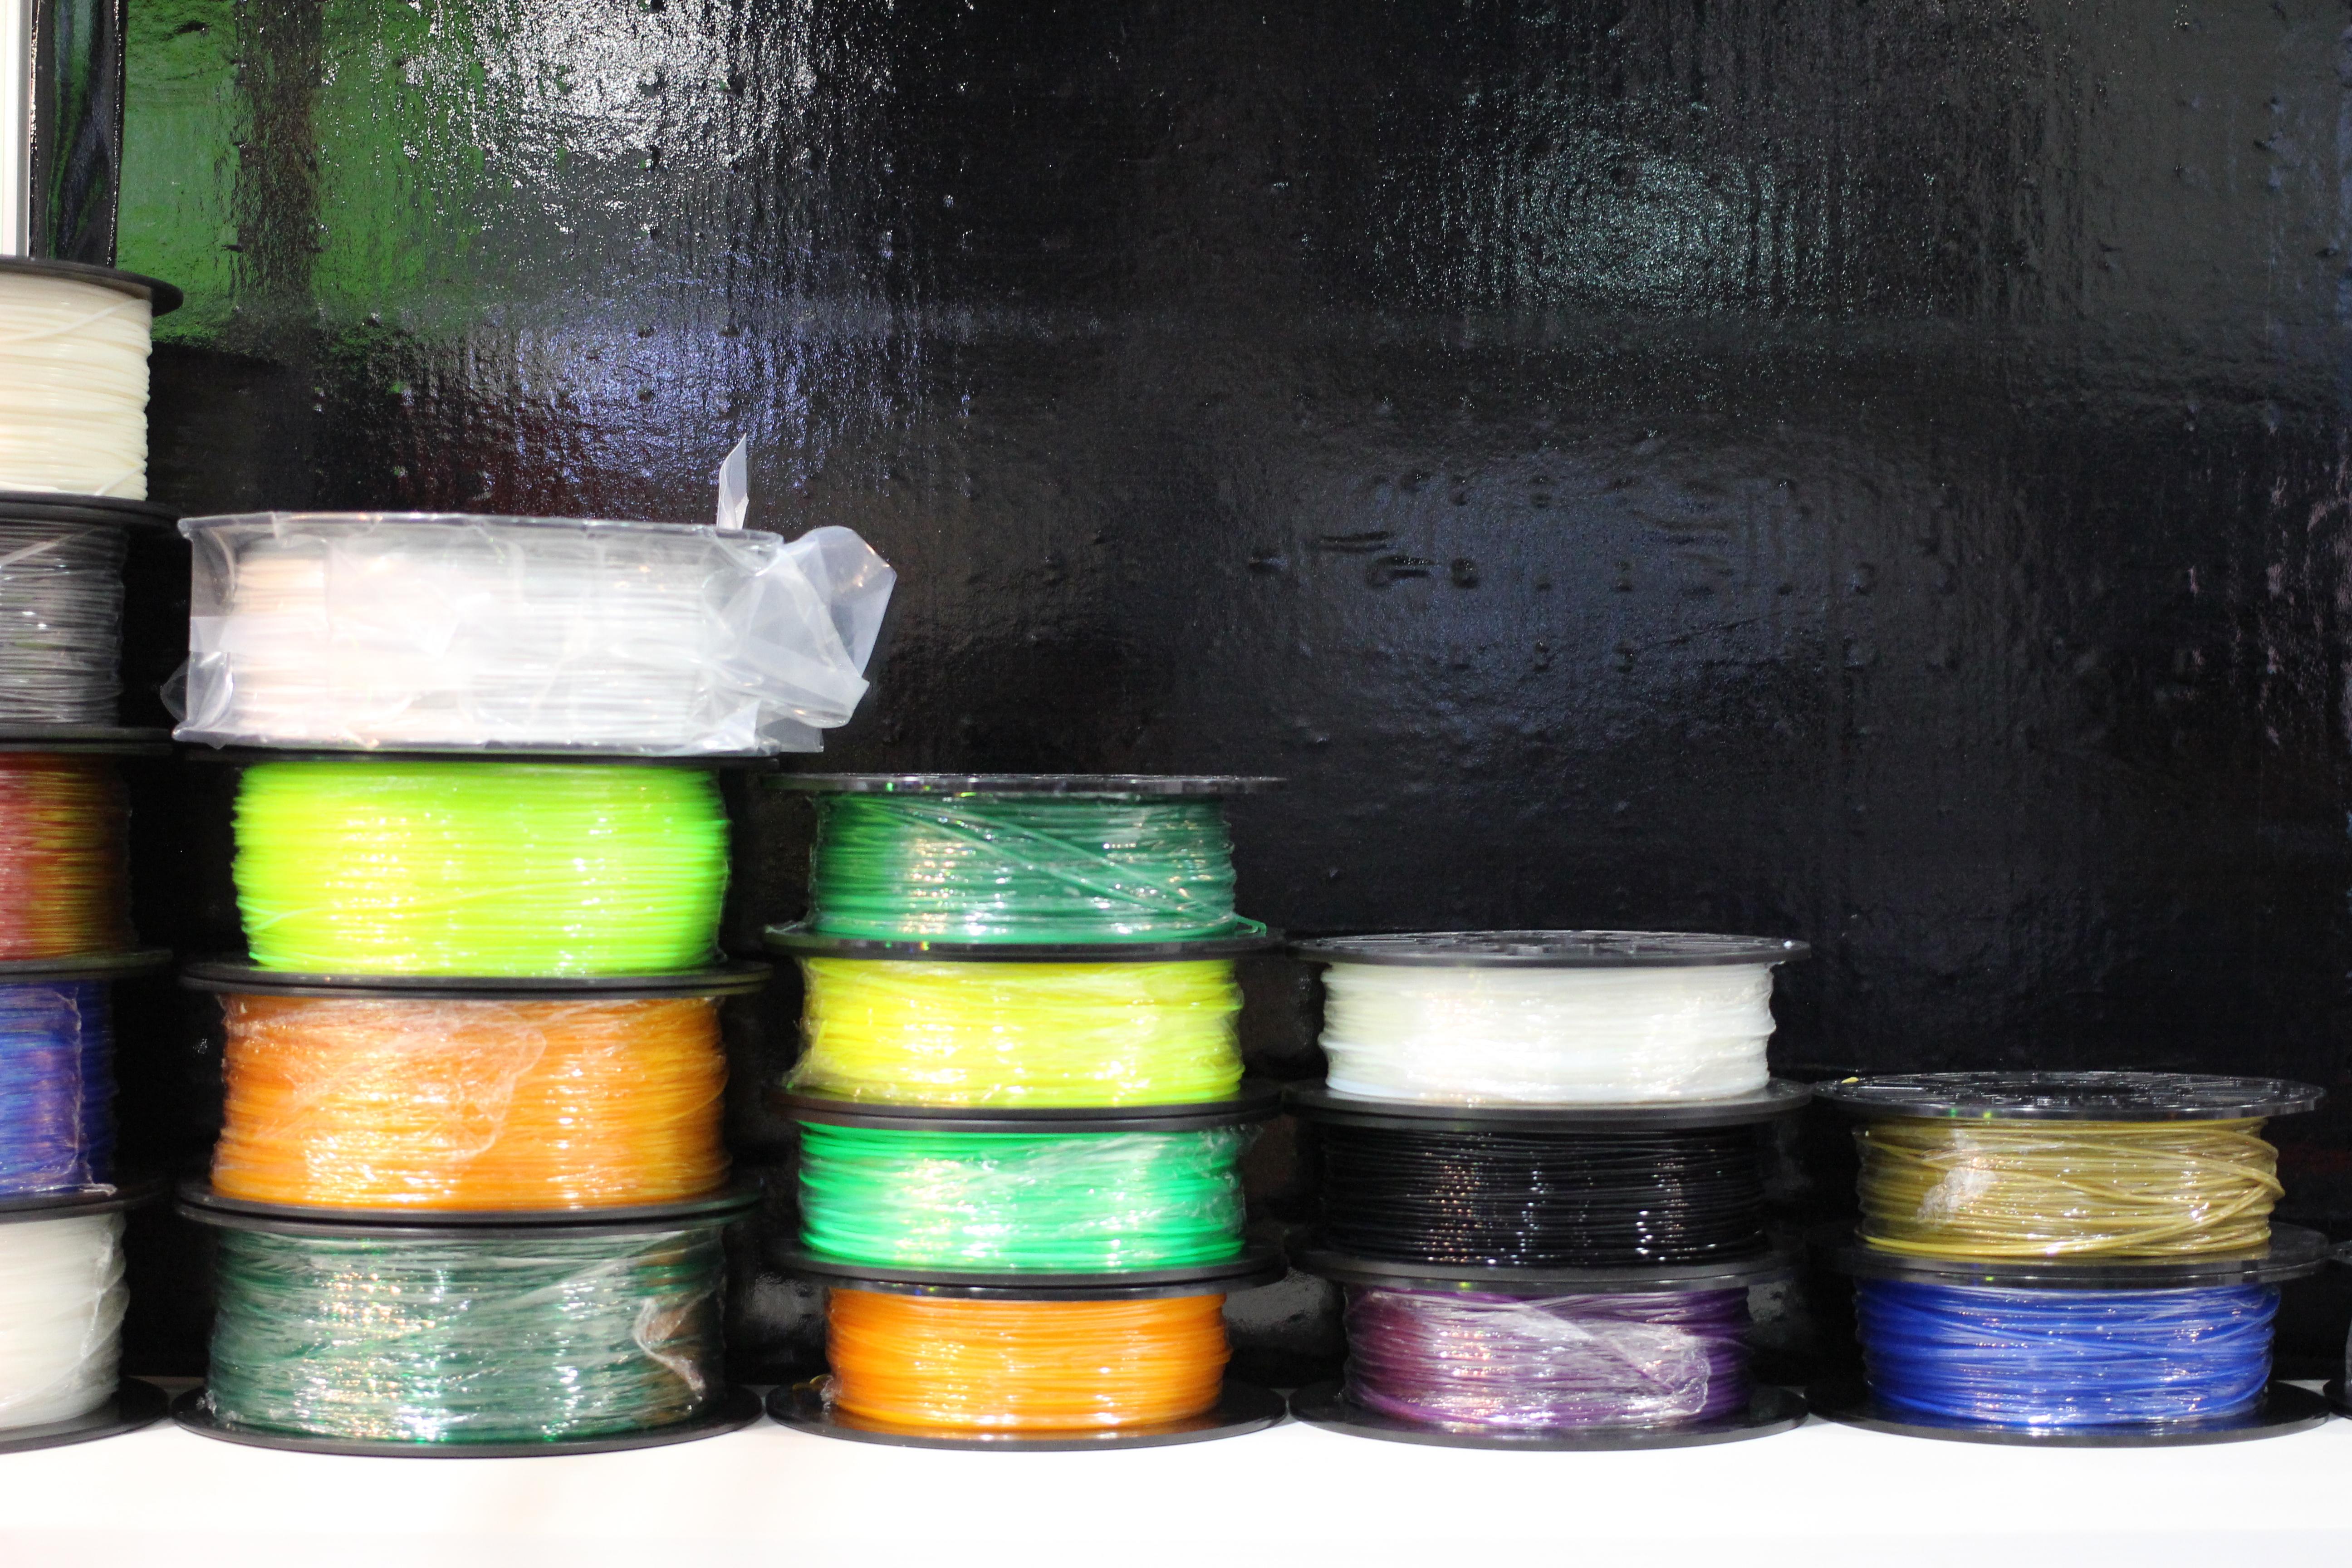 3D printing filament - Wikipedia